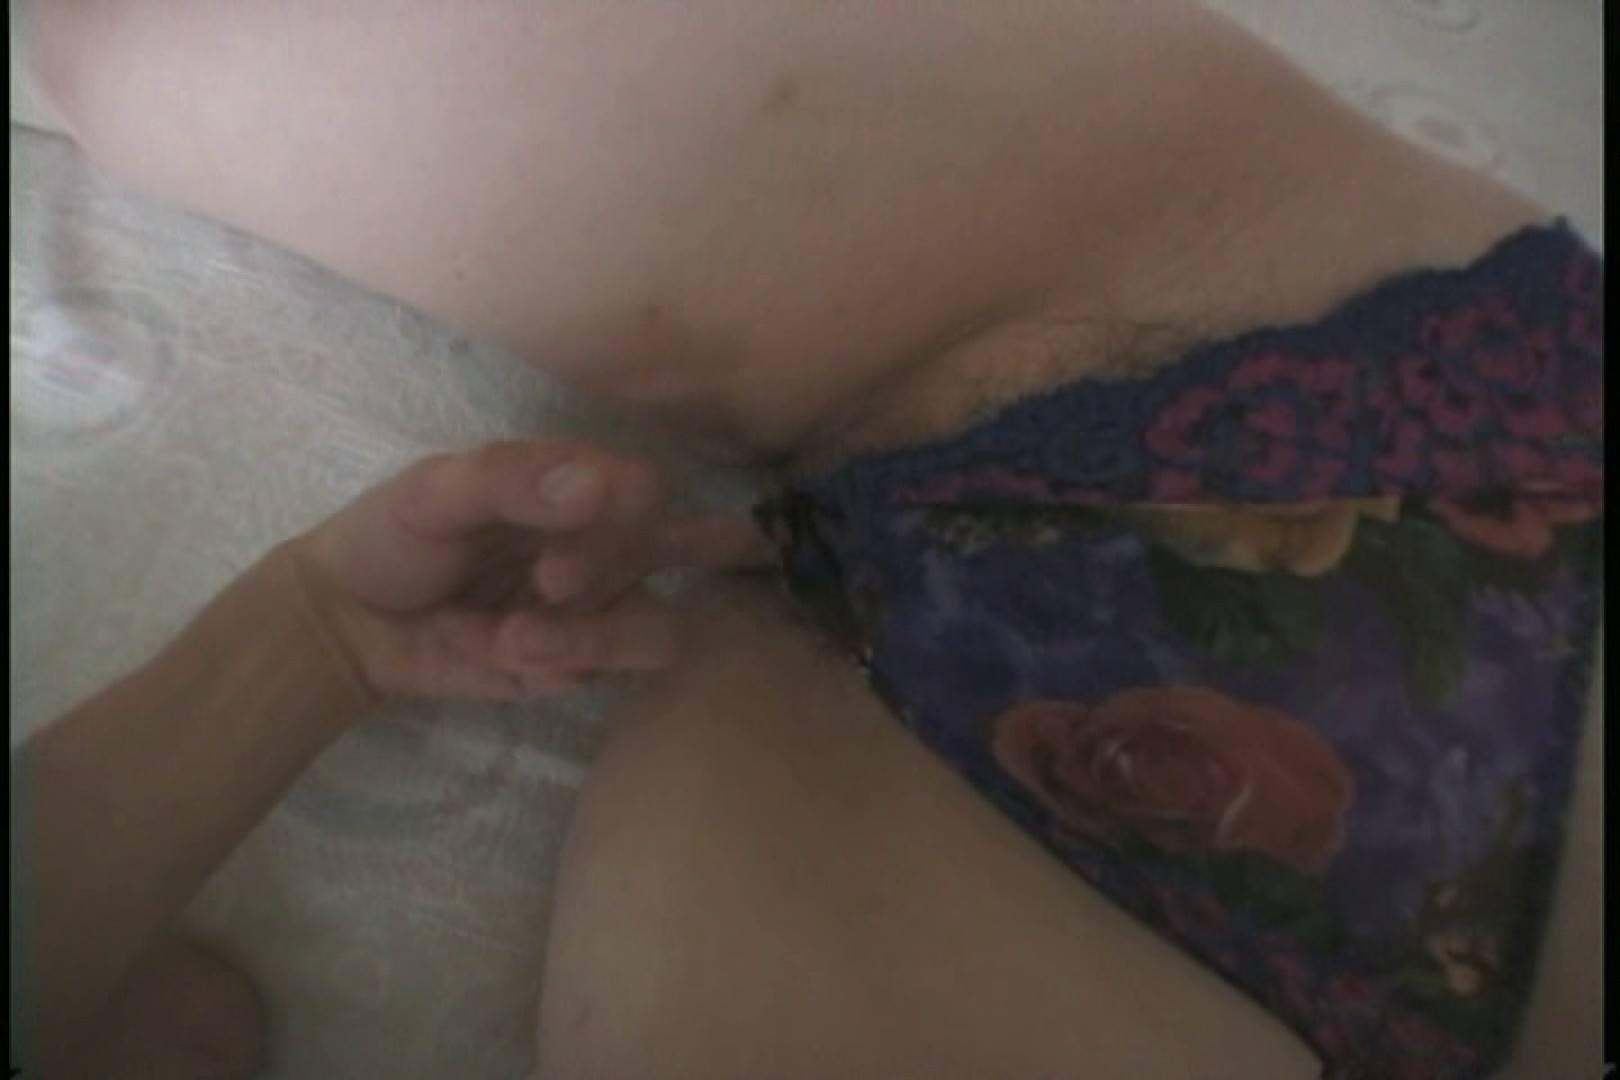 初めてのビデオ撮影に緊張する素人OLとセックス~武田じゅん~ 素人 | ギャル達のセックス  82画像 70